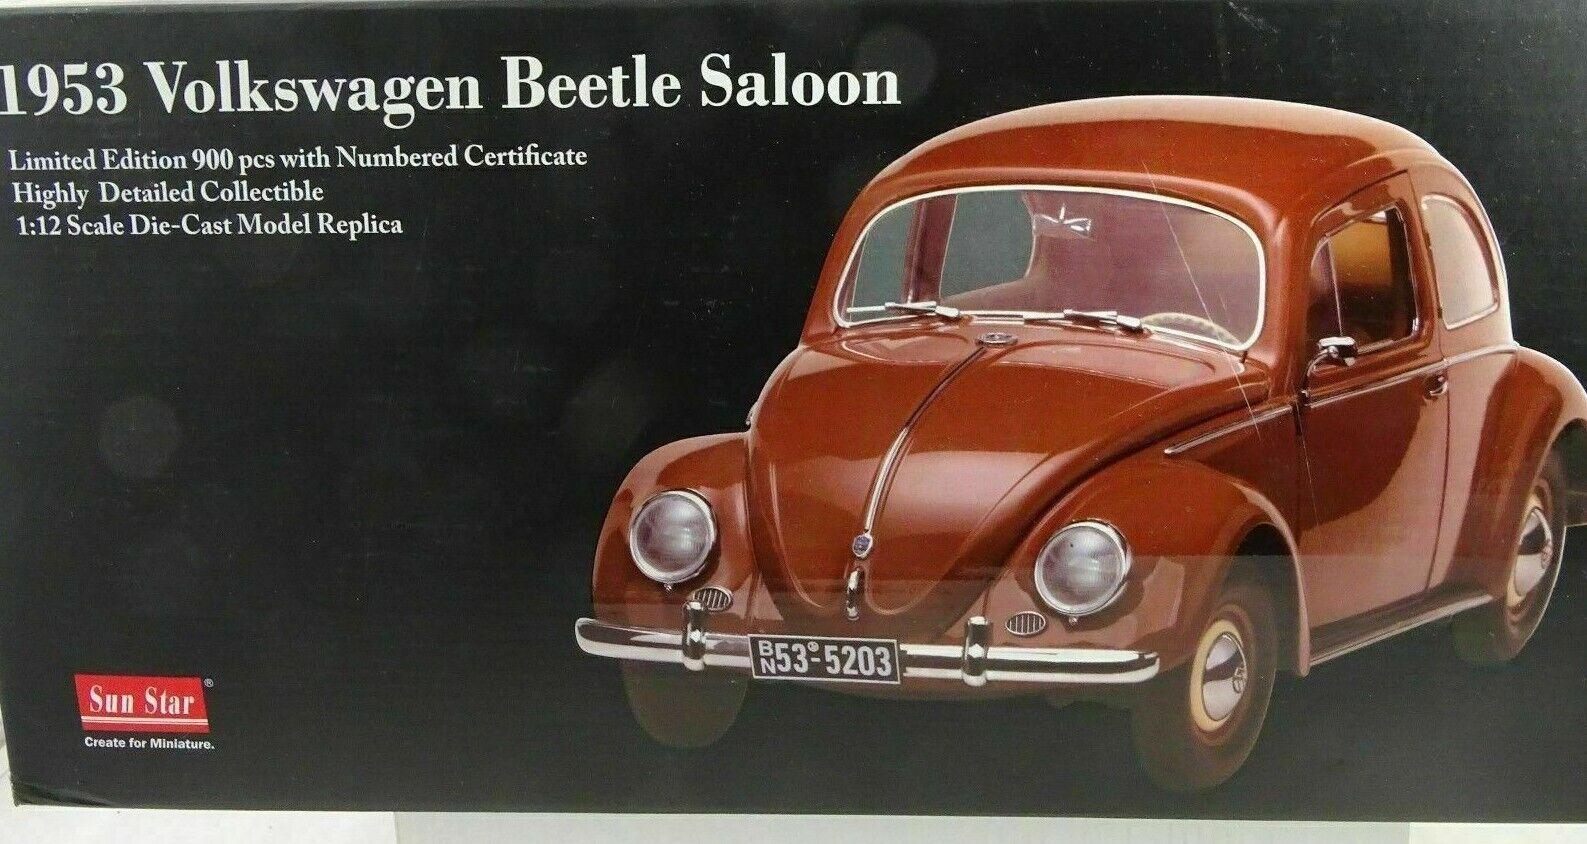 1 12 Sun Star Volkswagen VW Escarabajo Beetle Saloon Marronee Lmtd. 900st